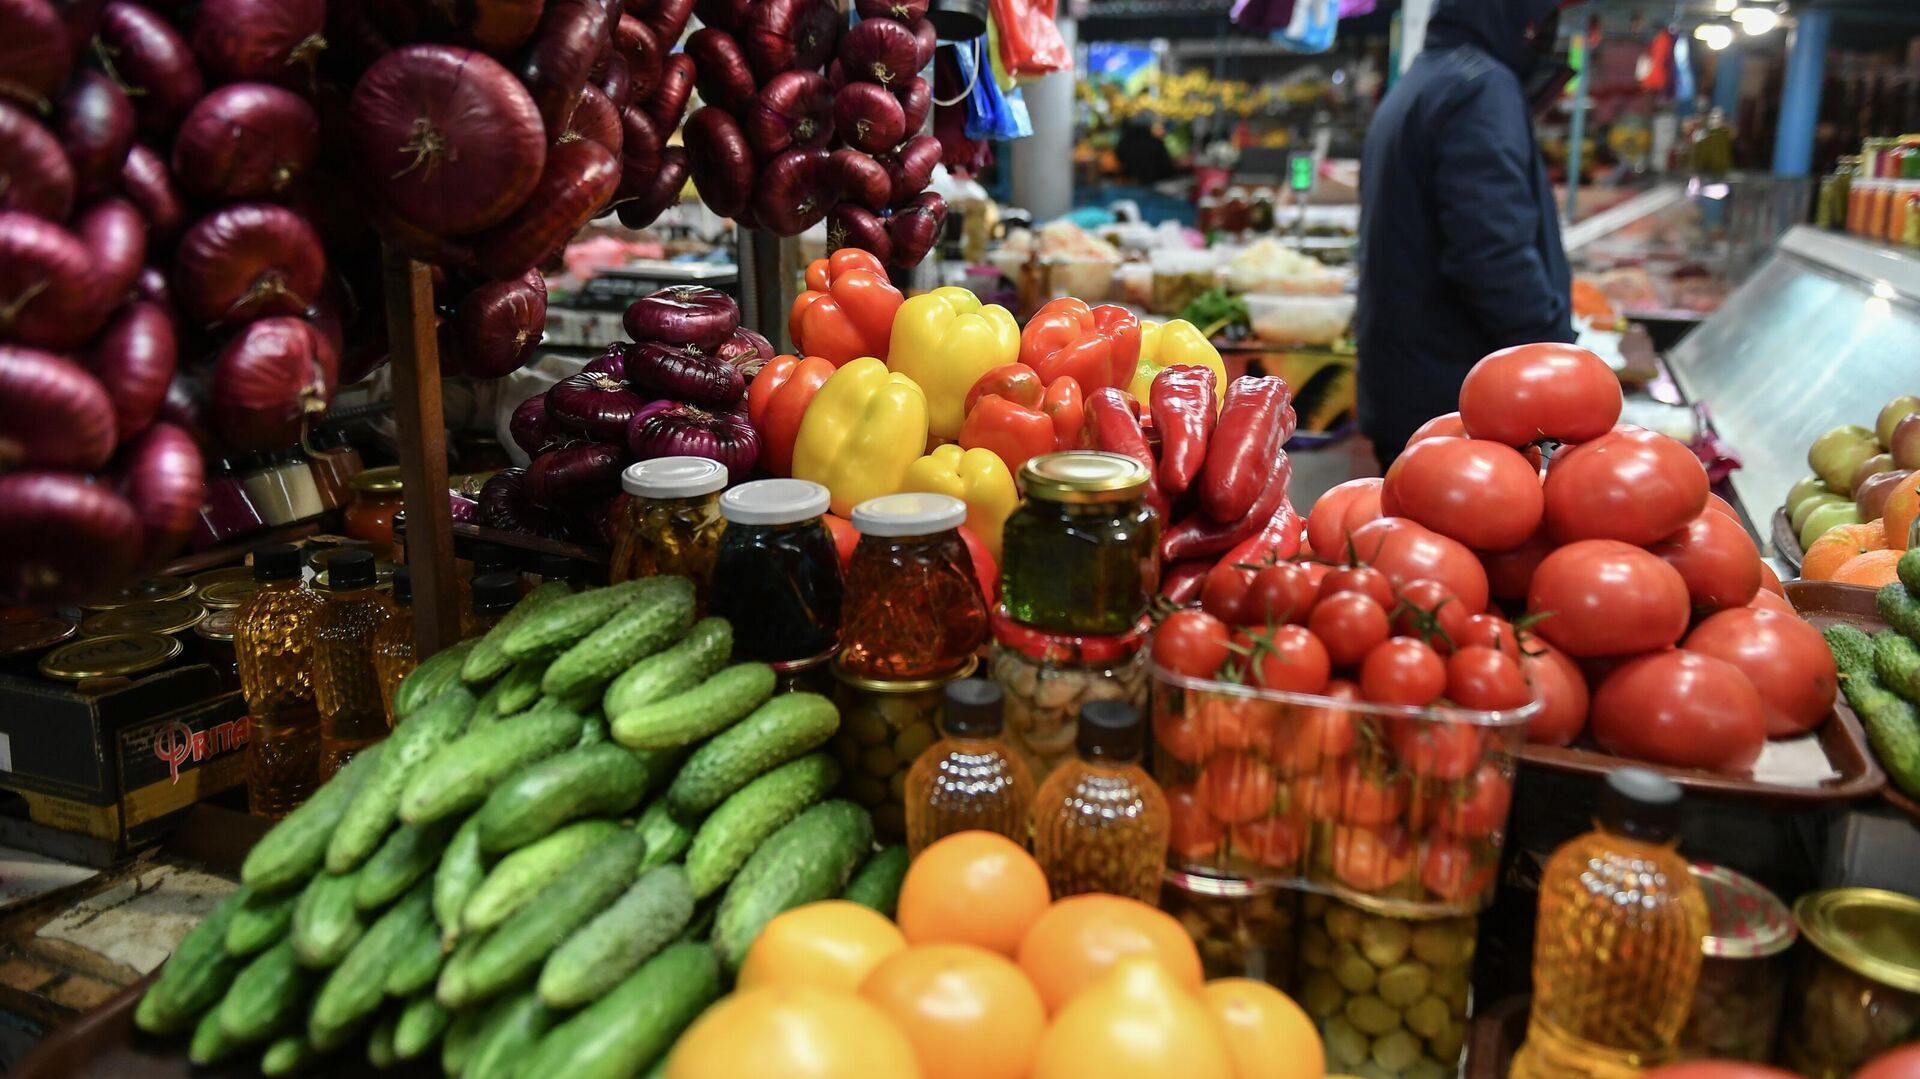 Продажа овощей и фруктов на Ялтинском овощном рынке - РИА Новости, 1920, 09.12.2020